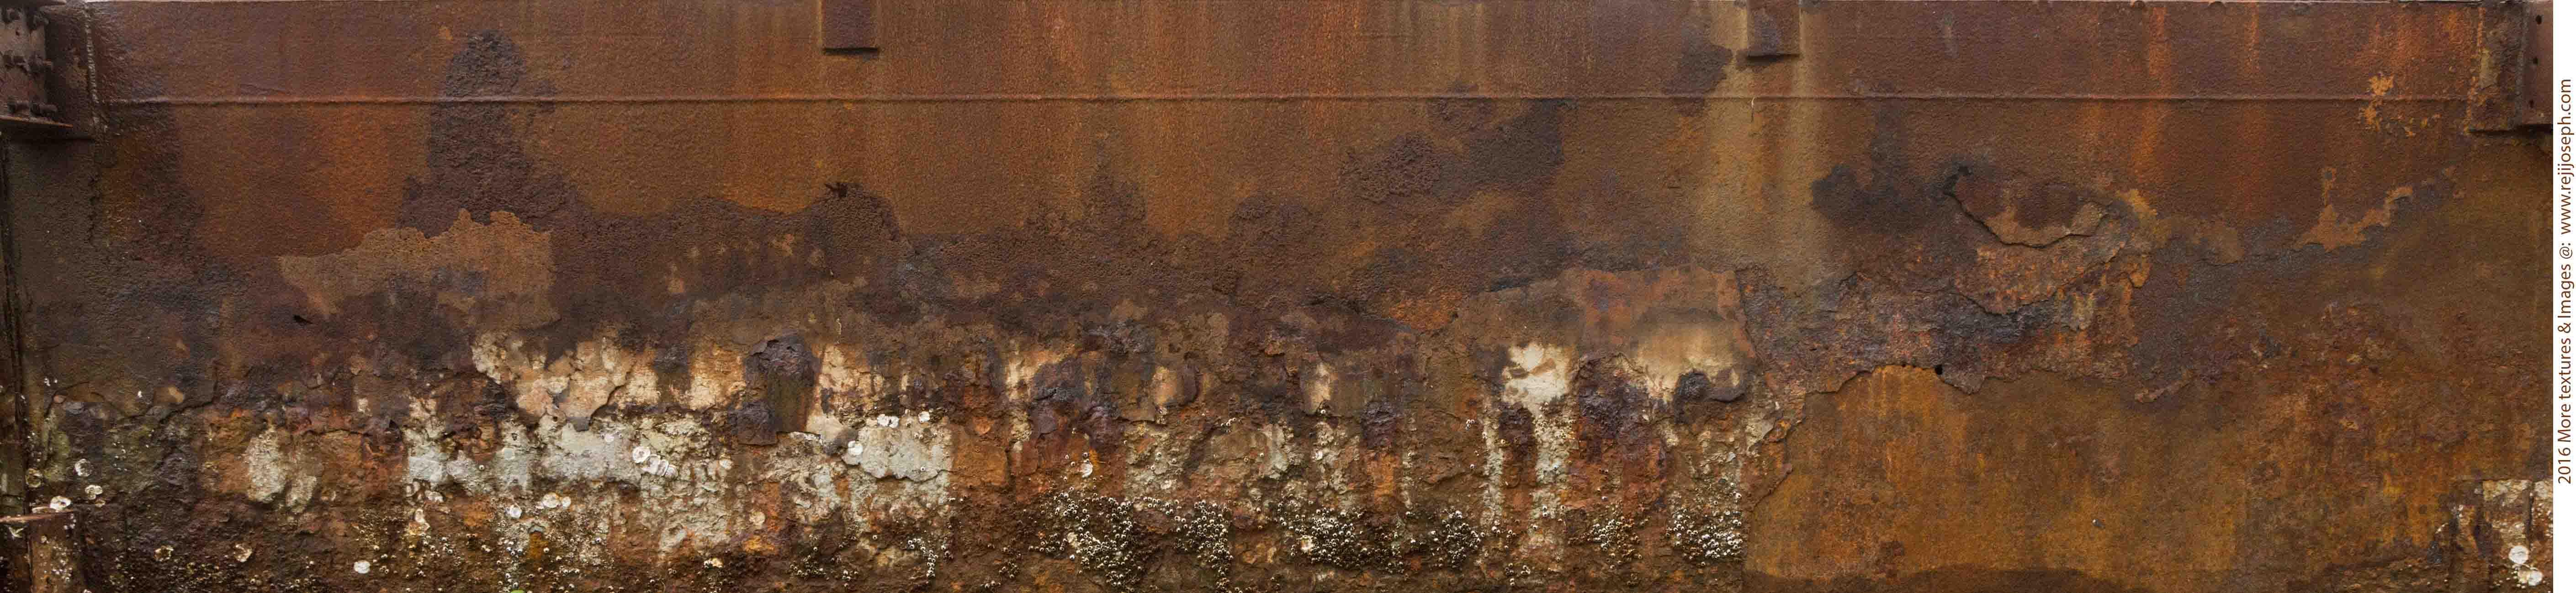 Rusty metal texture 00009